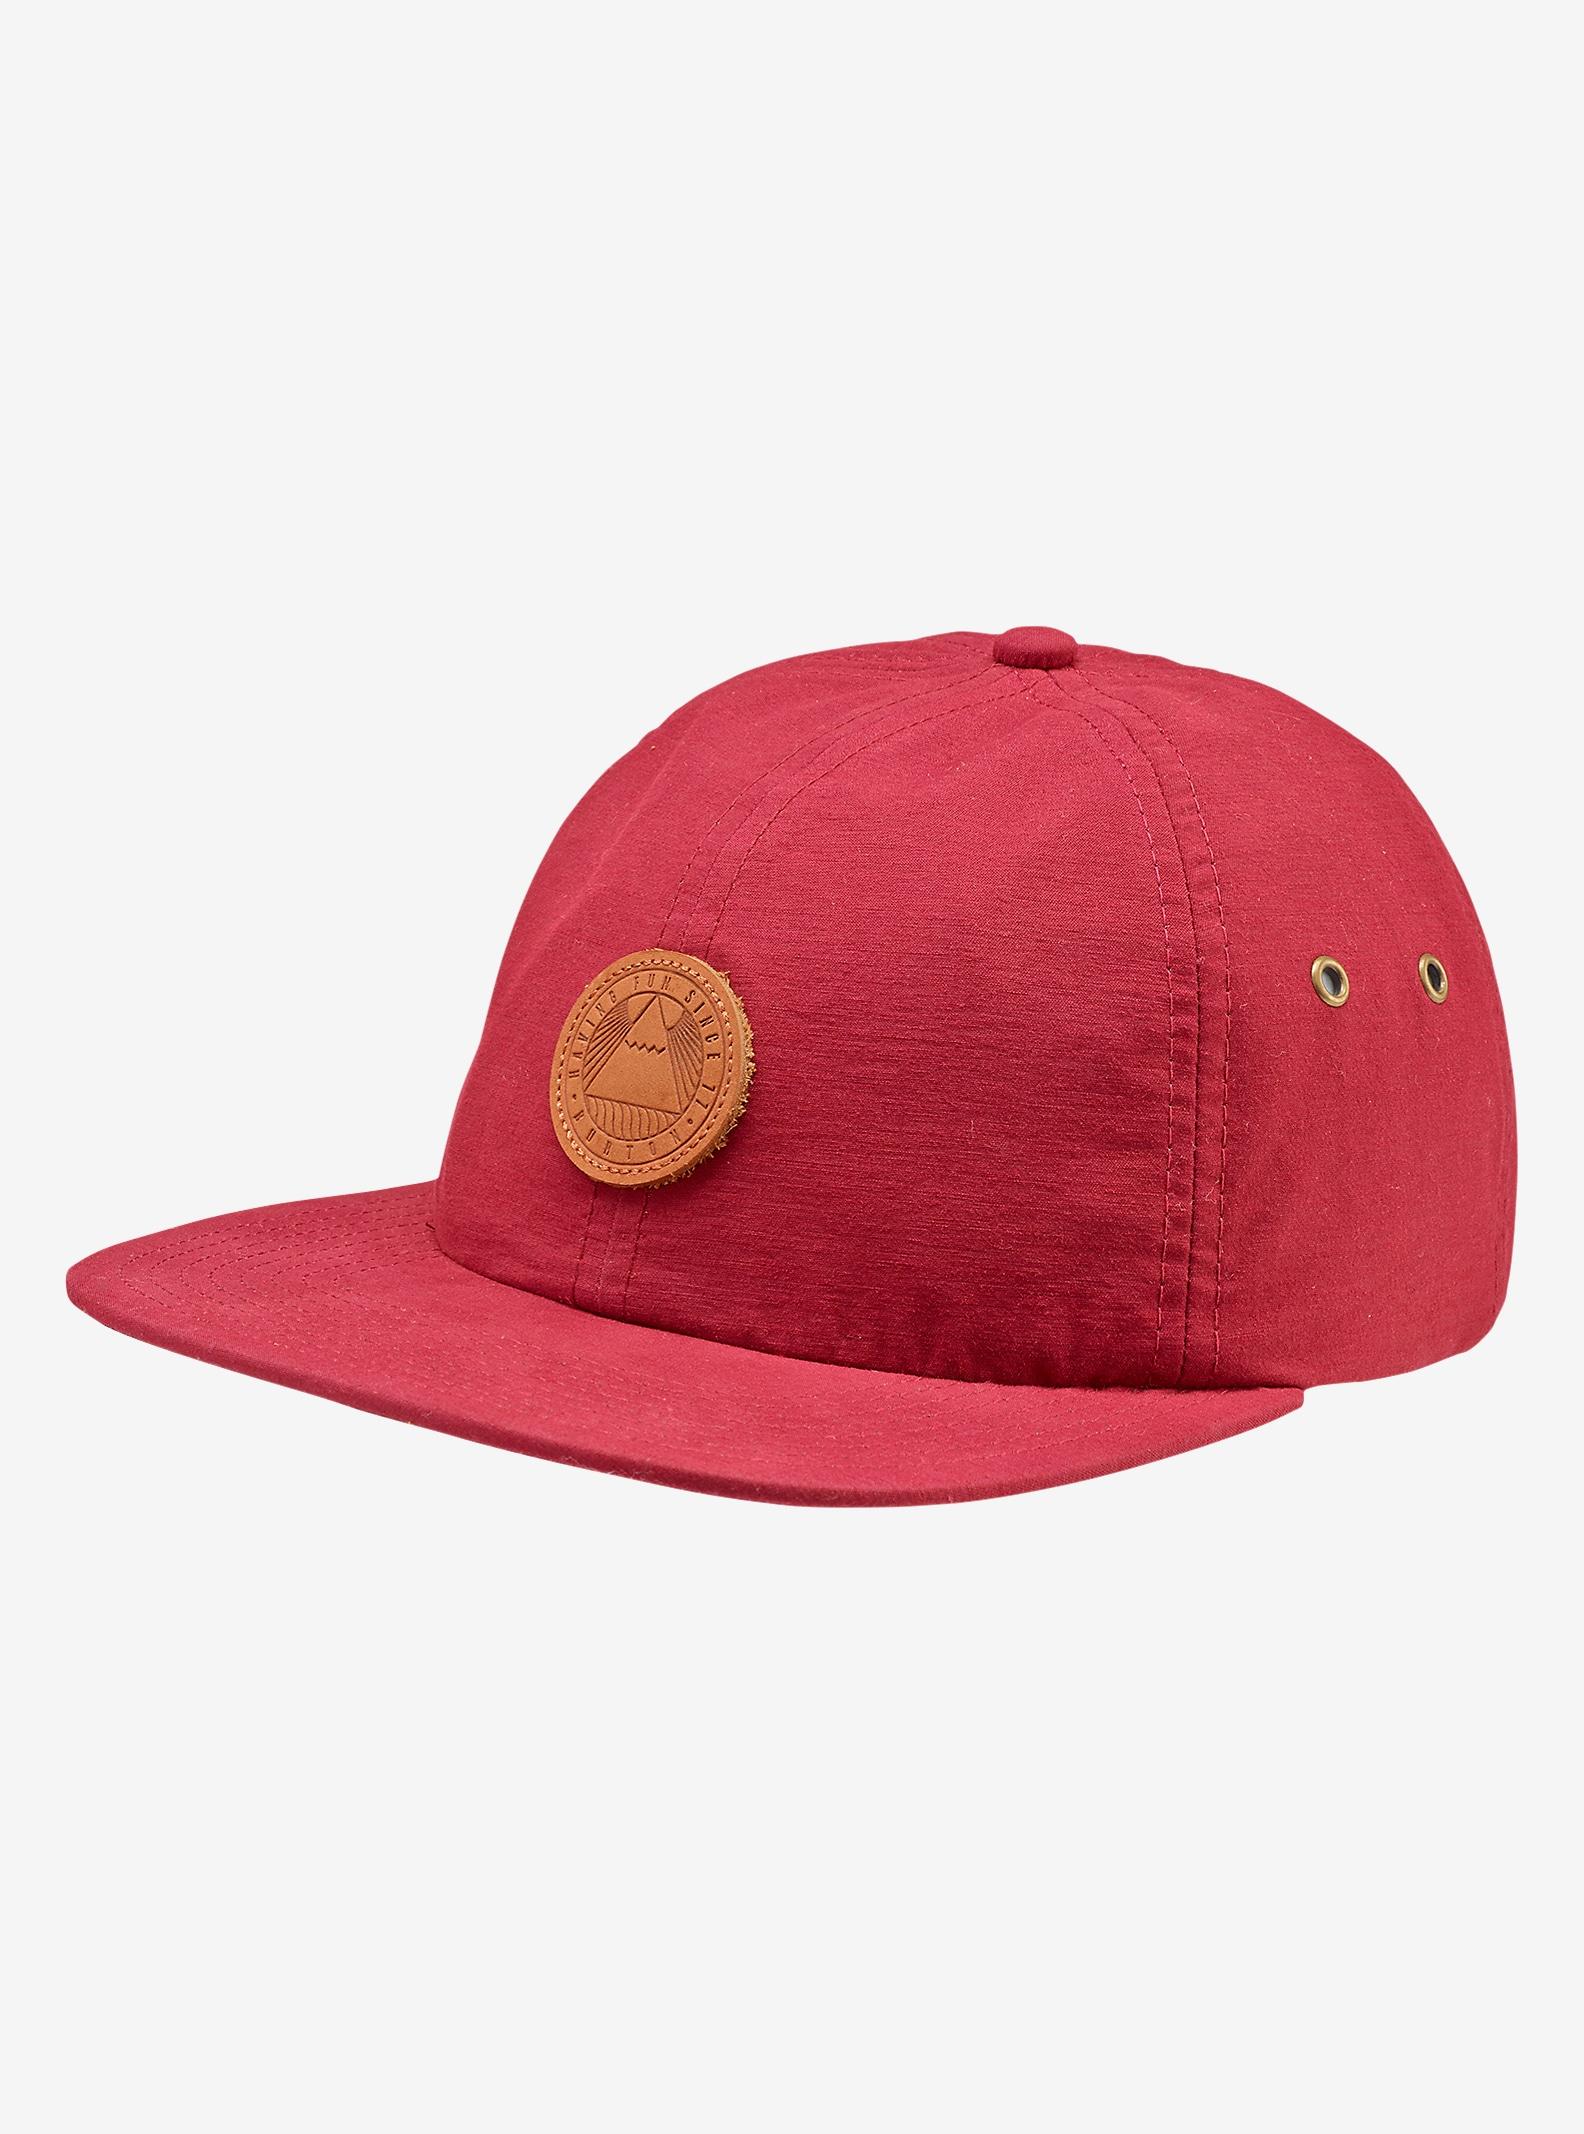 Burton Union Snapback Hat shown in Wino